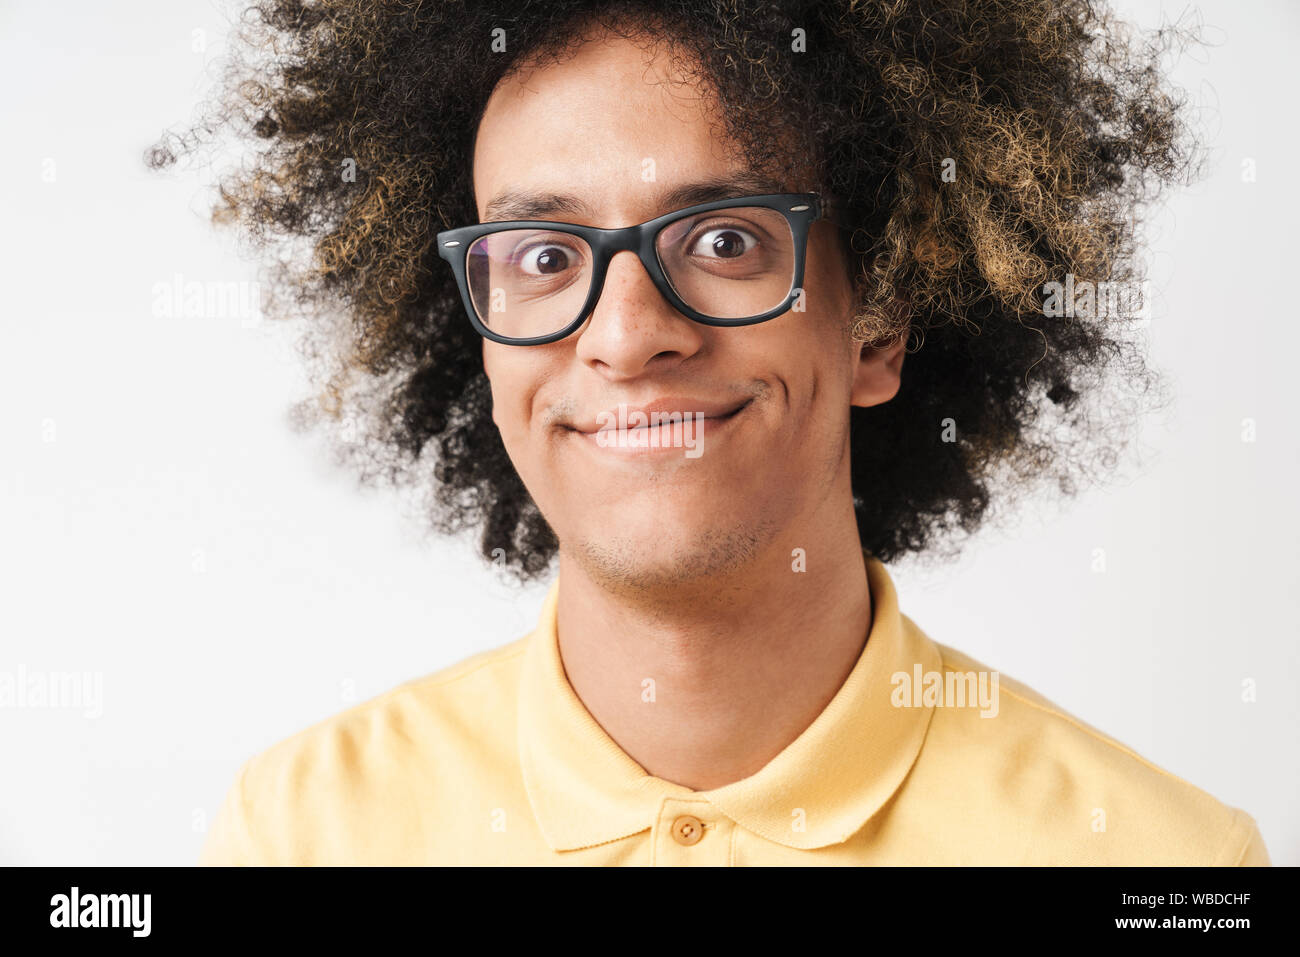 Foto Von Ihnen Kaukasischen Mann Mit Afro Frisur Tragen Von